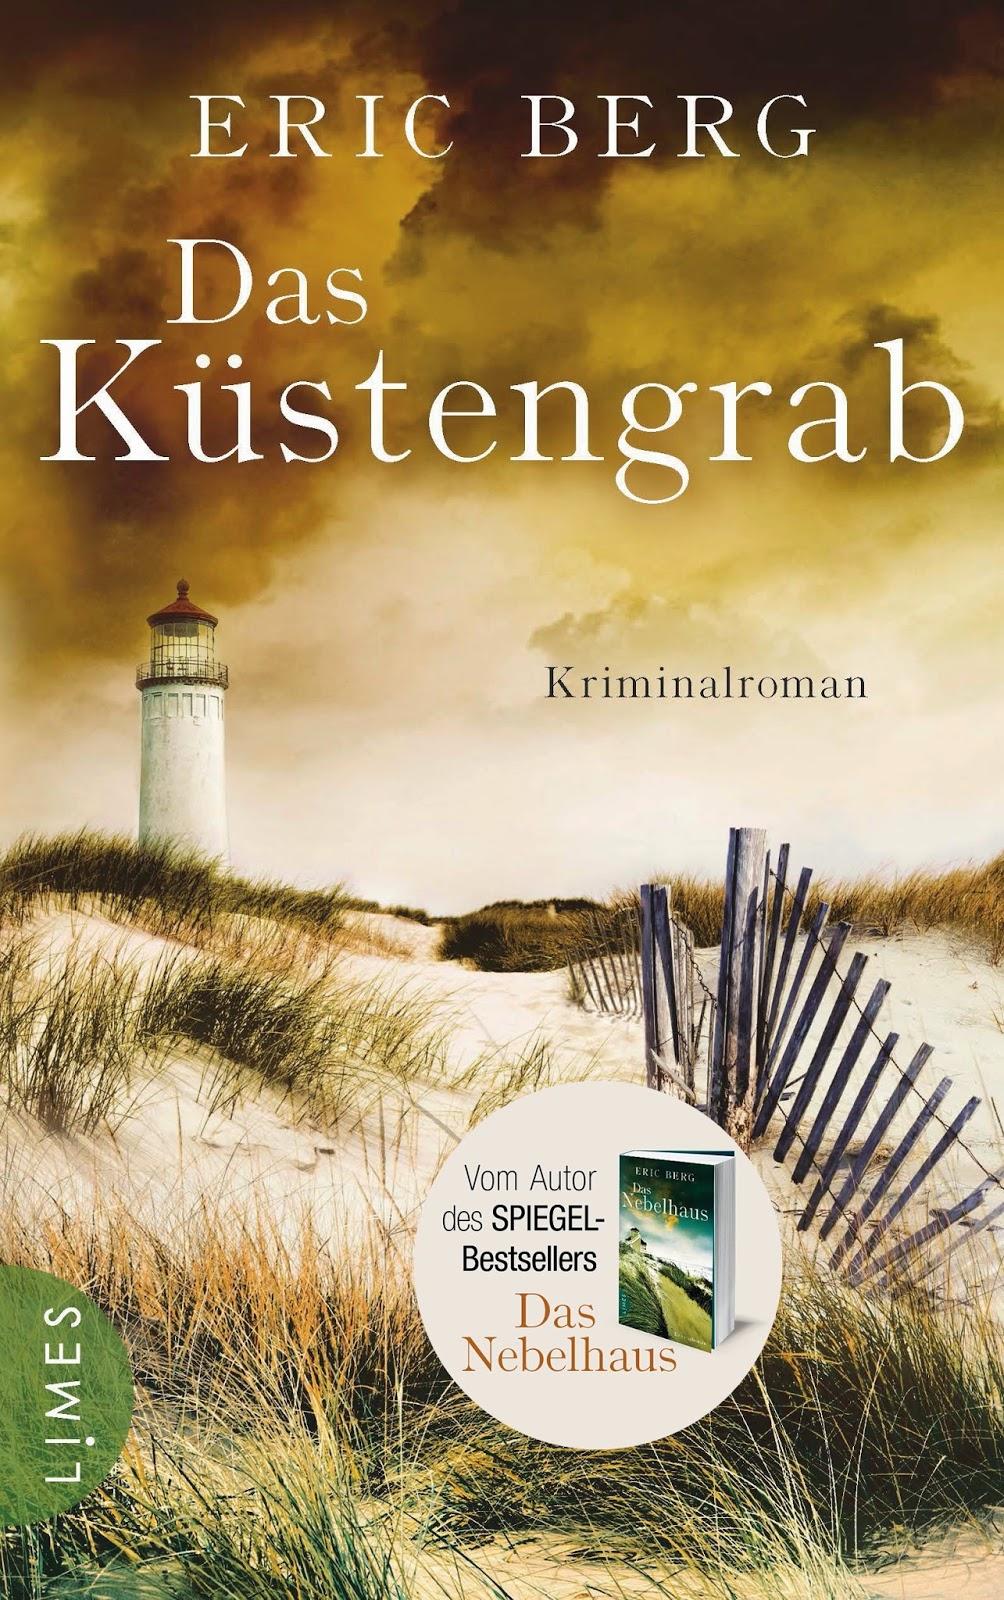 [Buch] Eric Berg ~ Das Küstengrab | Produktplatzierung